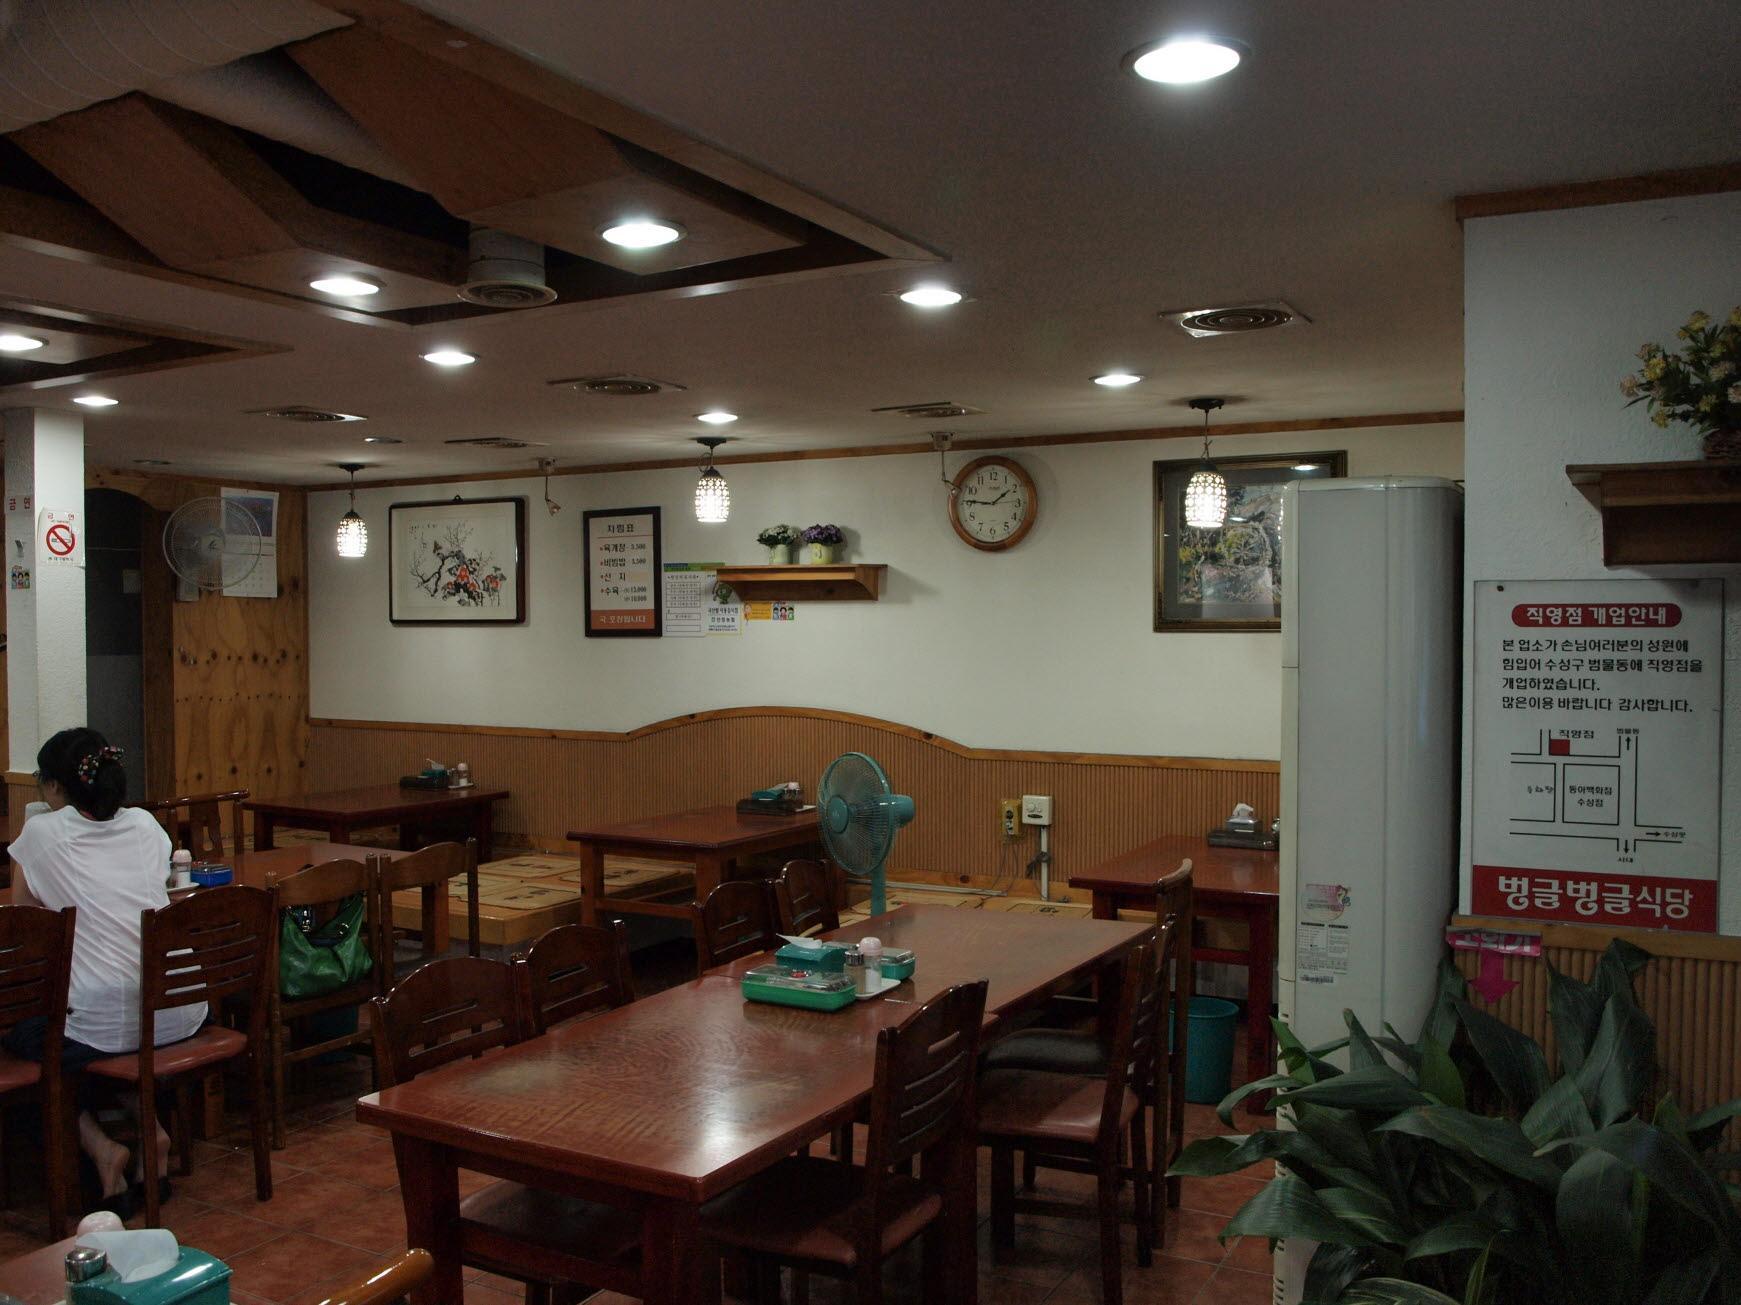 벙글벙글 식당 1